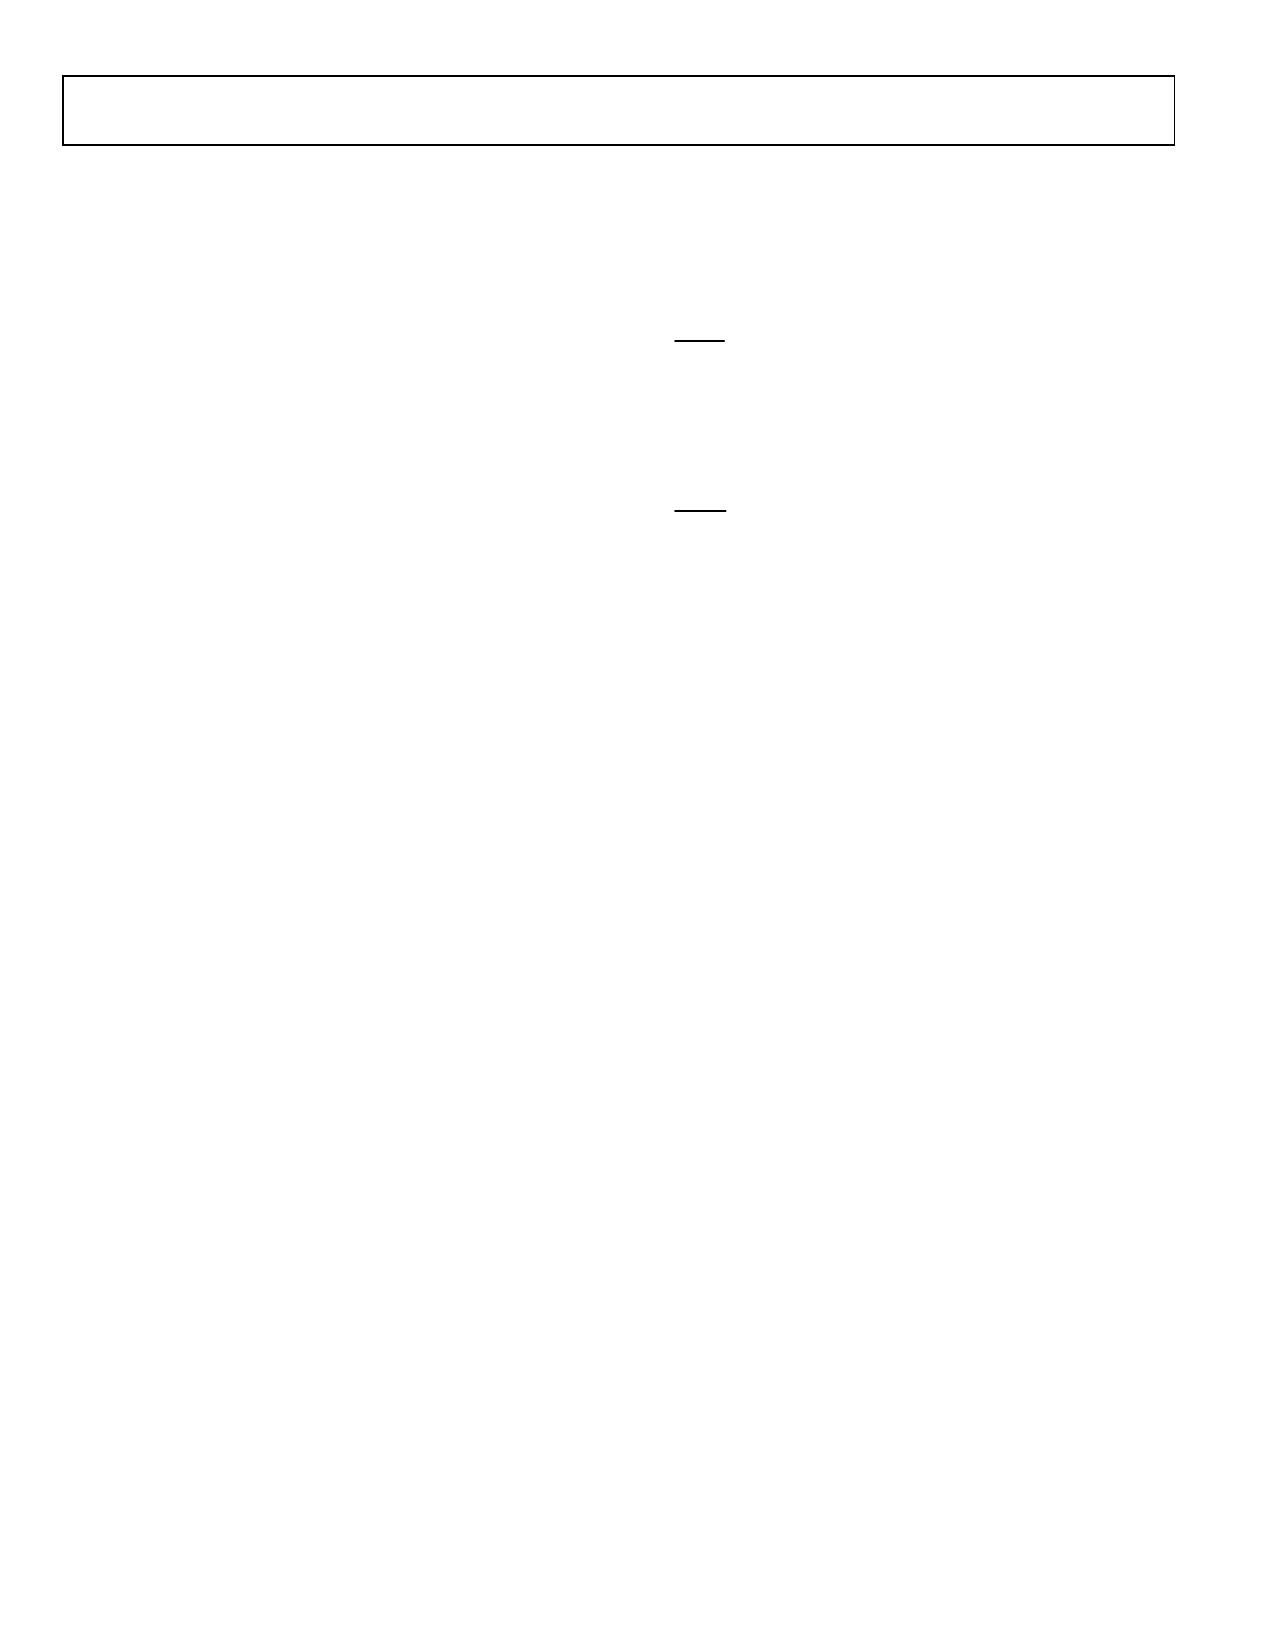 AD5663 Даташит, Описание, Даташиты